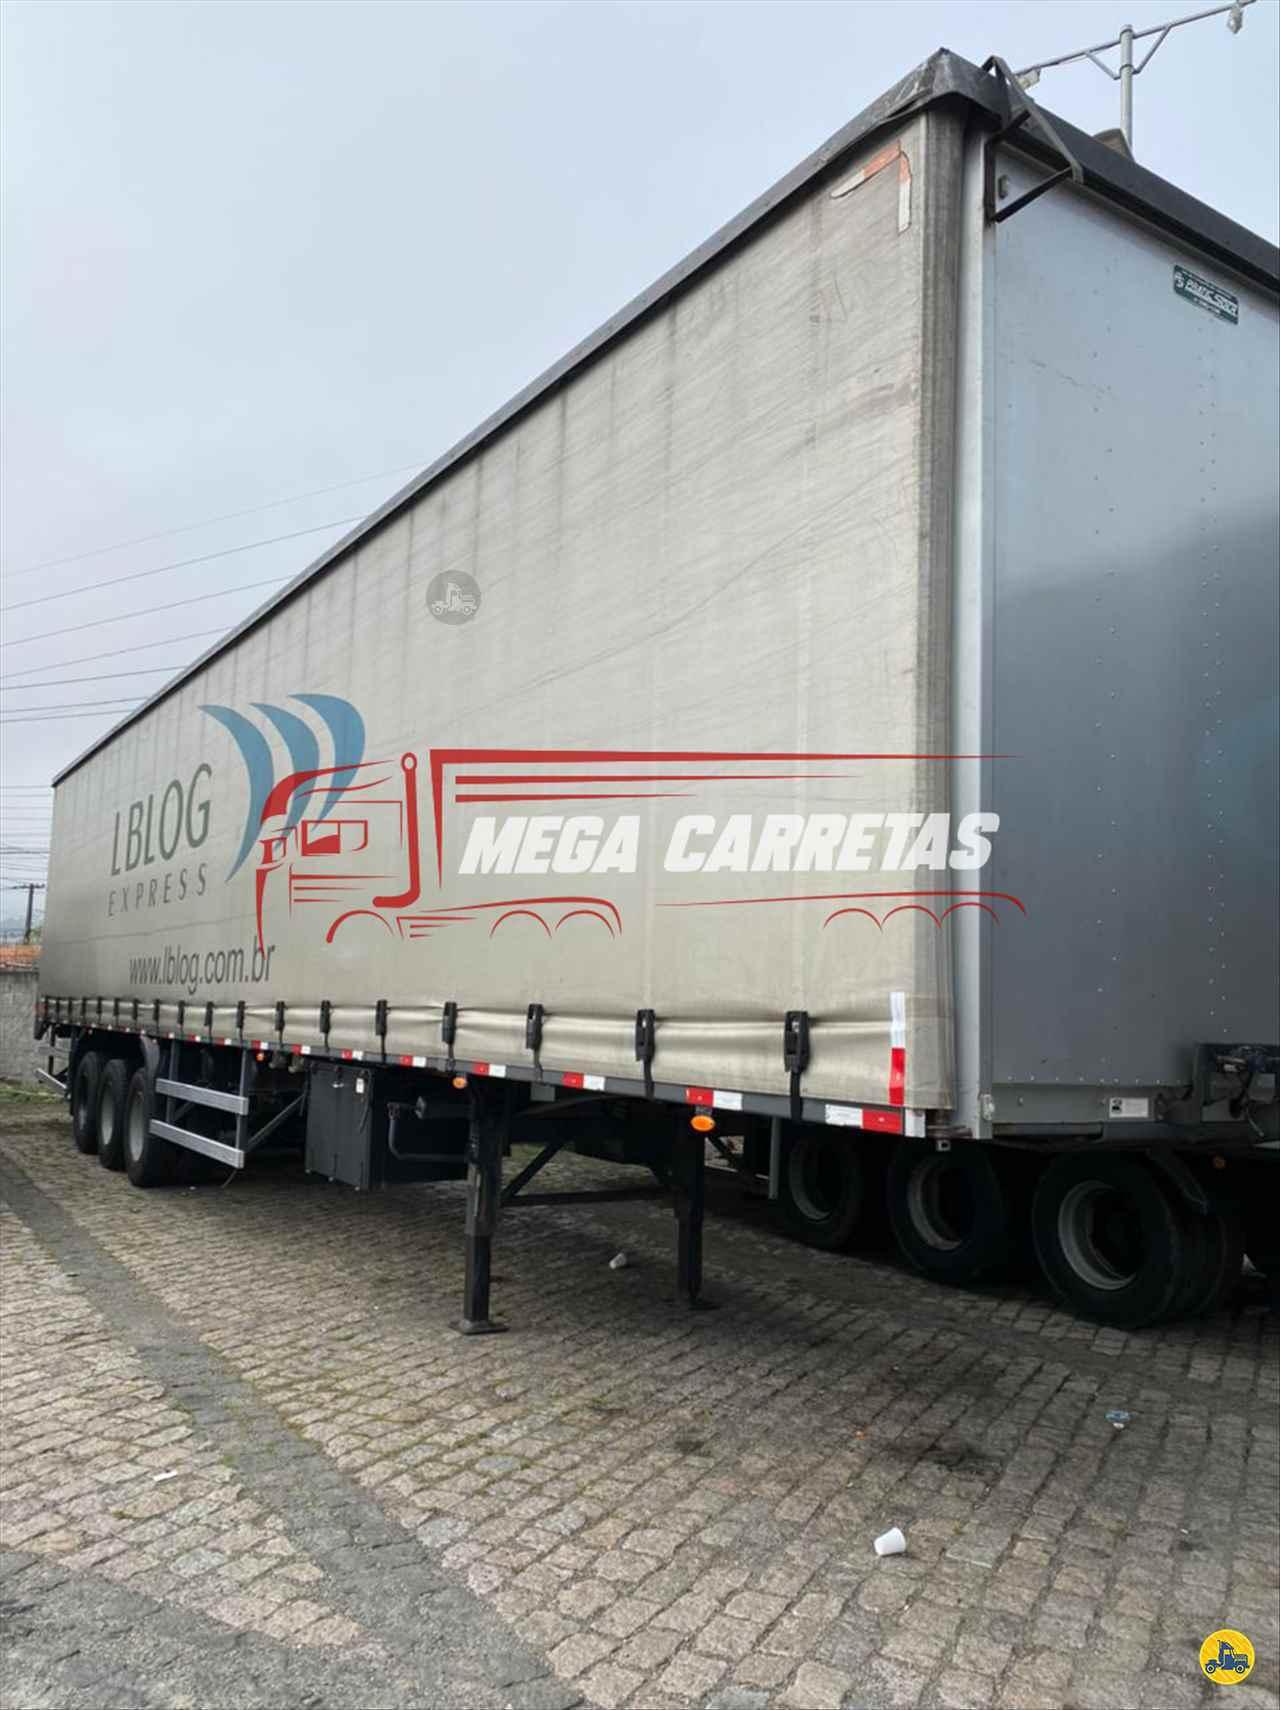 BAU SIDER de Mega Carretas - COLOMBO/PR